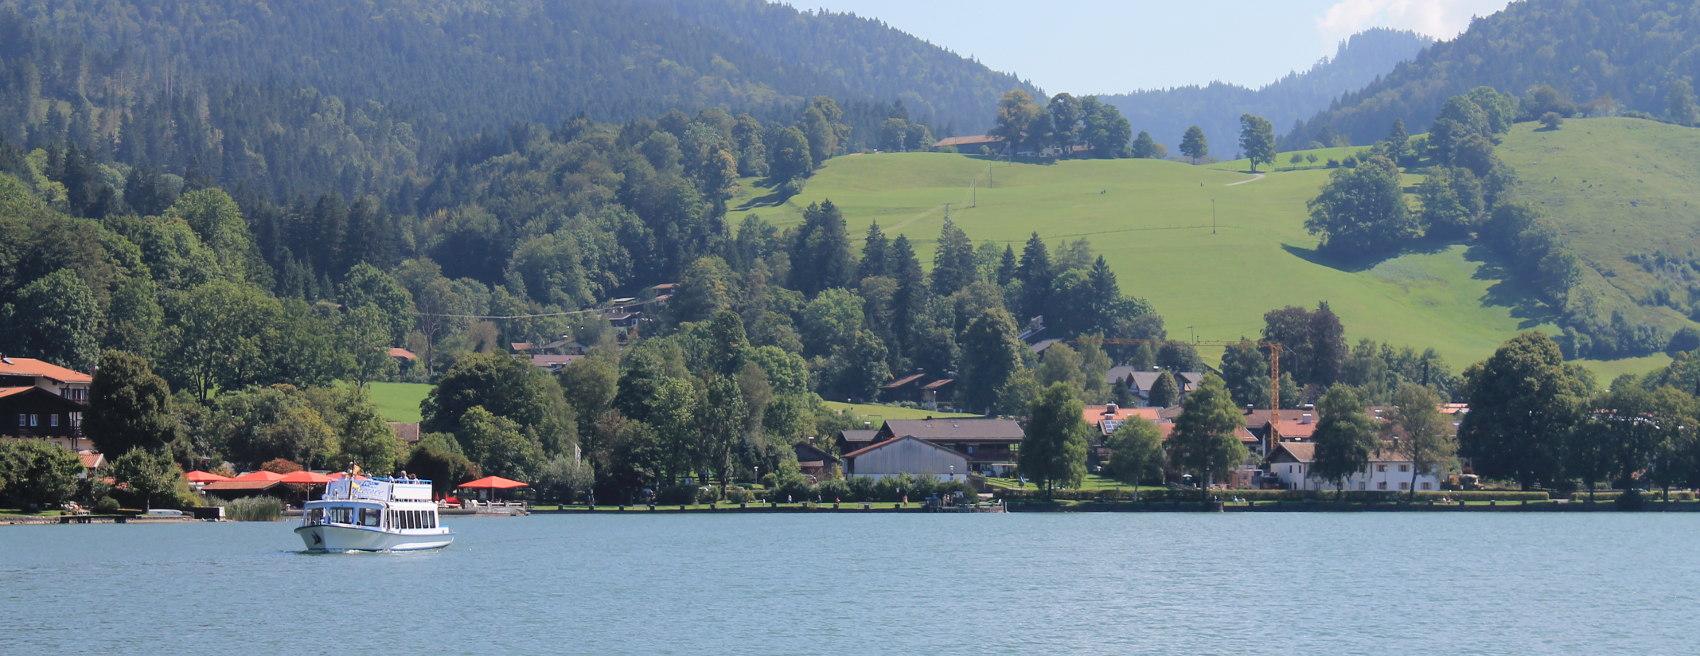 Ausflug mit dem Dampfer auf dem Schliersee